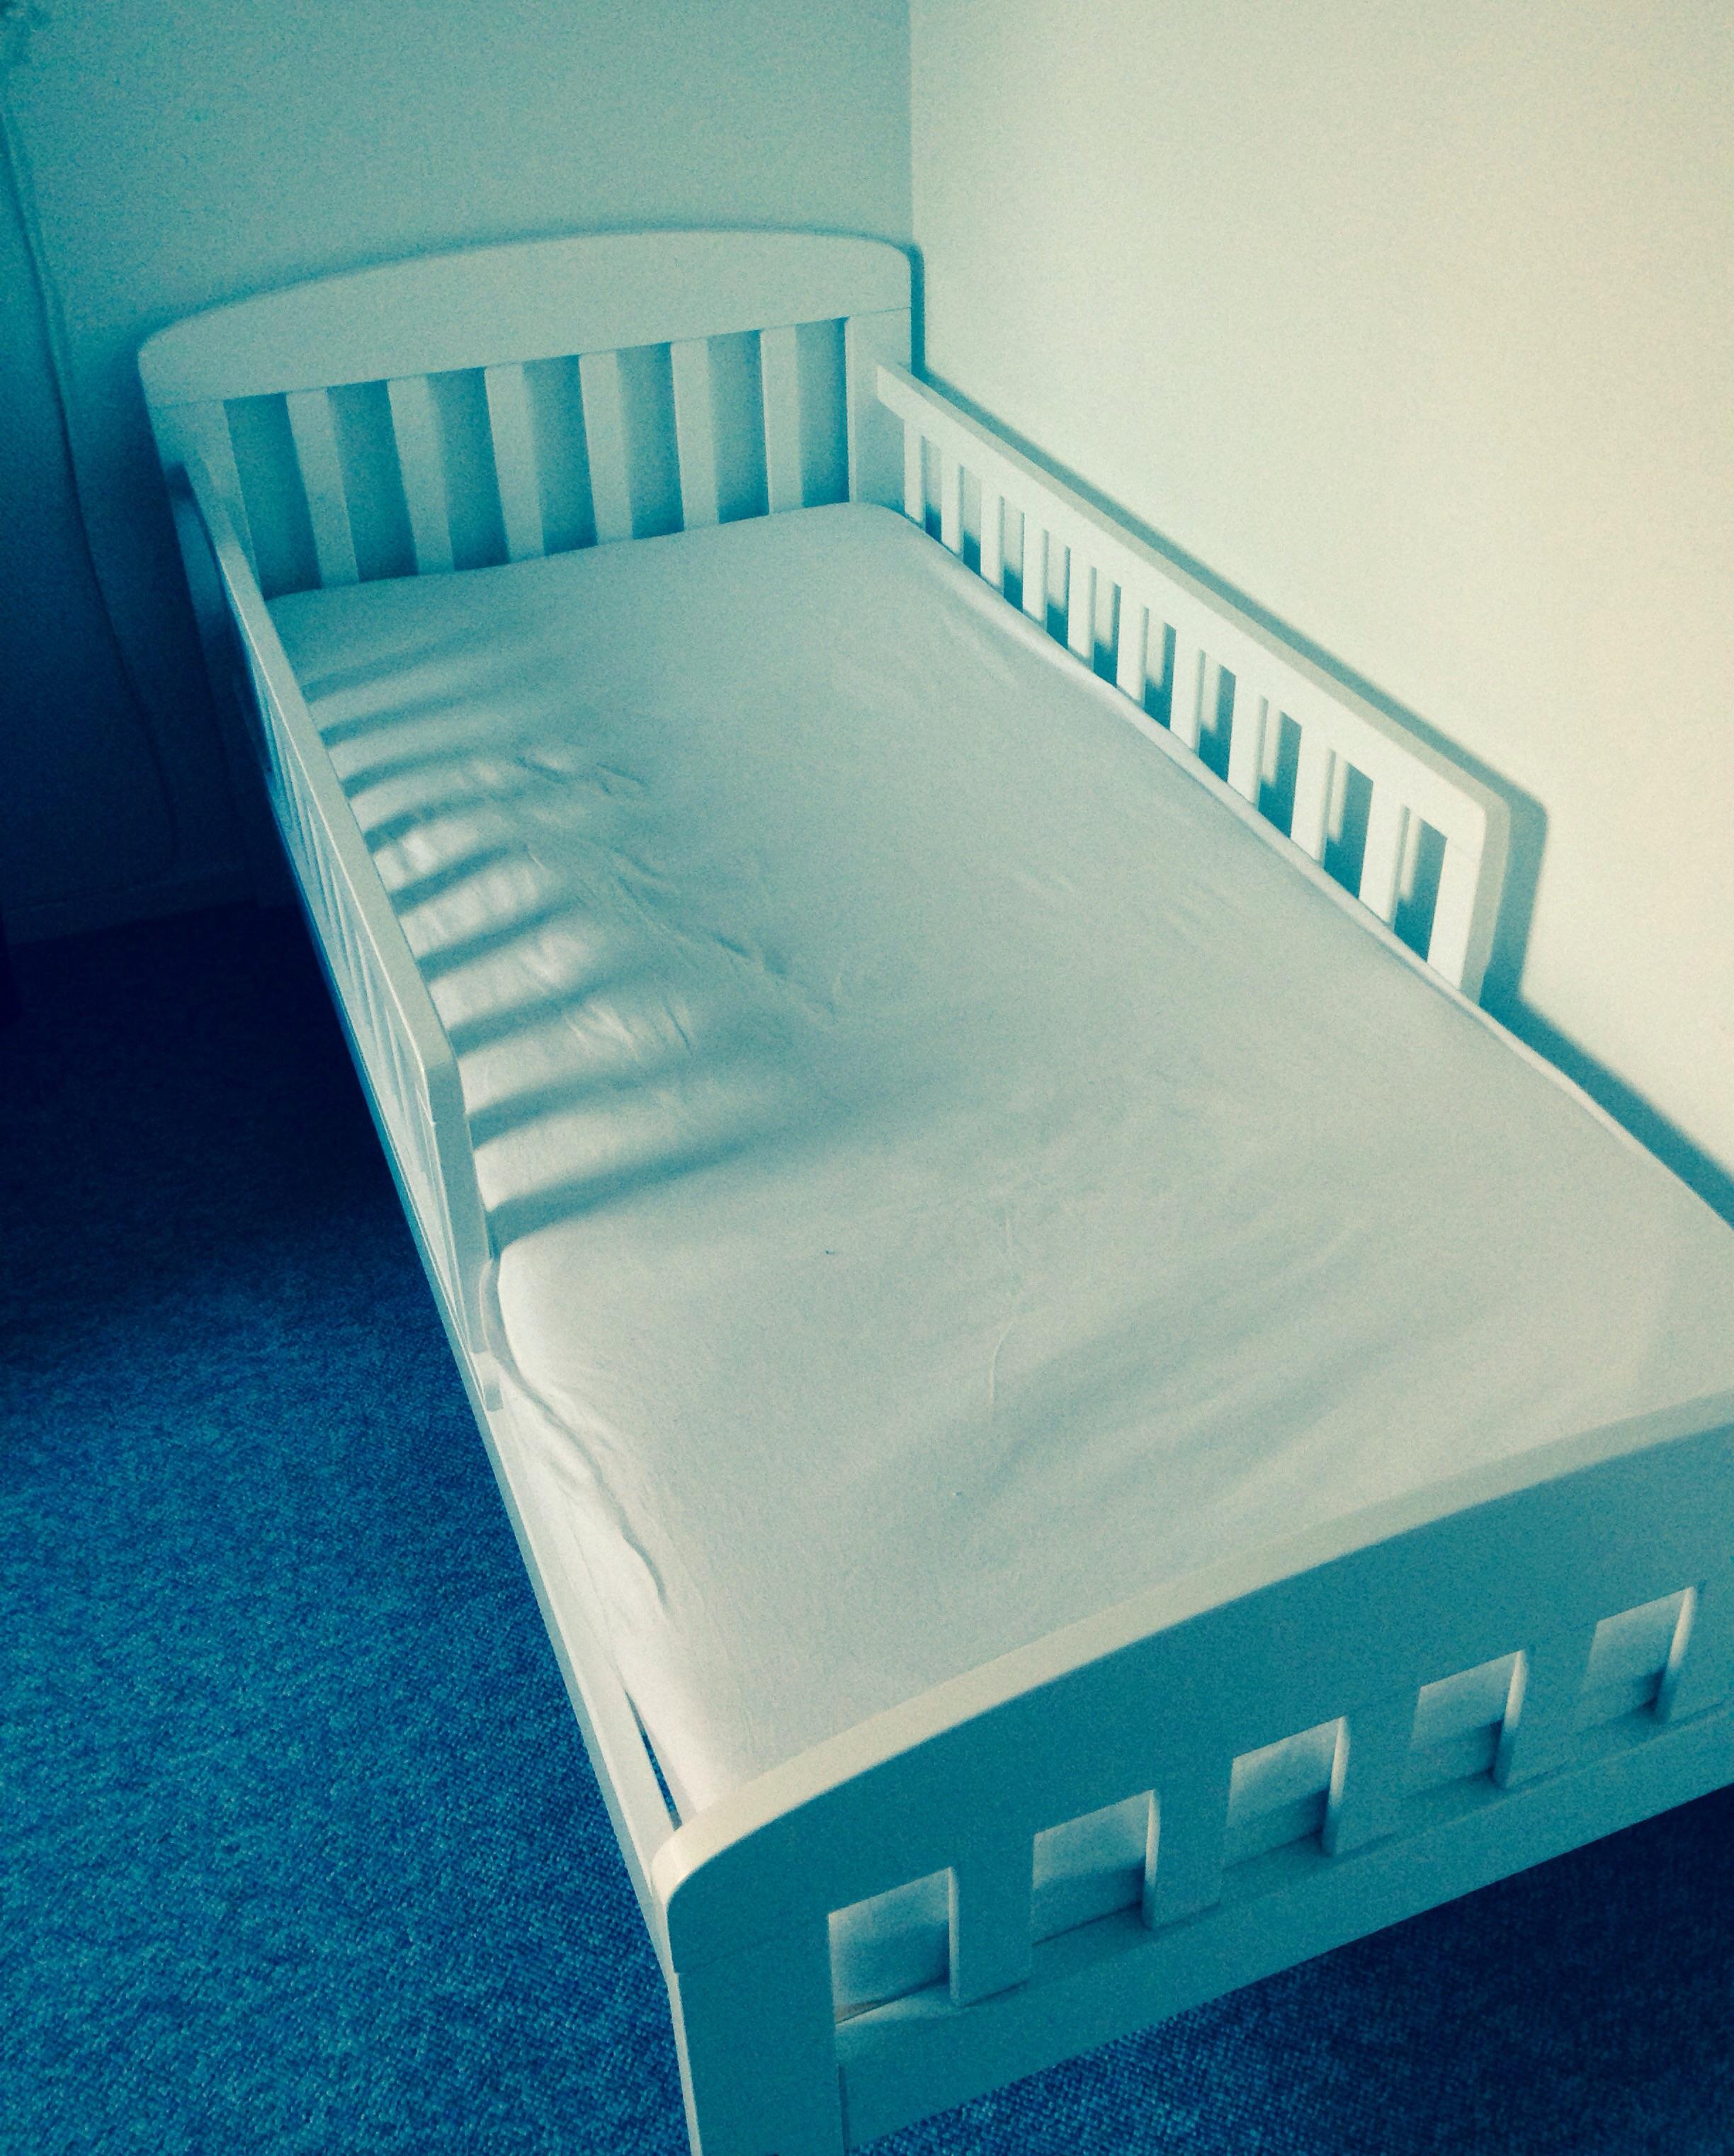 Den nye seng - uden dyne, da der puttes i stuen